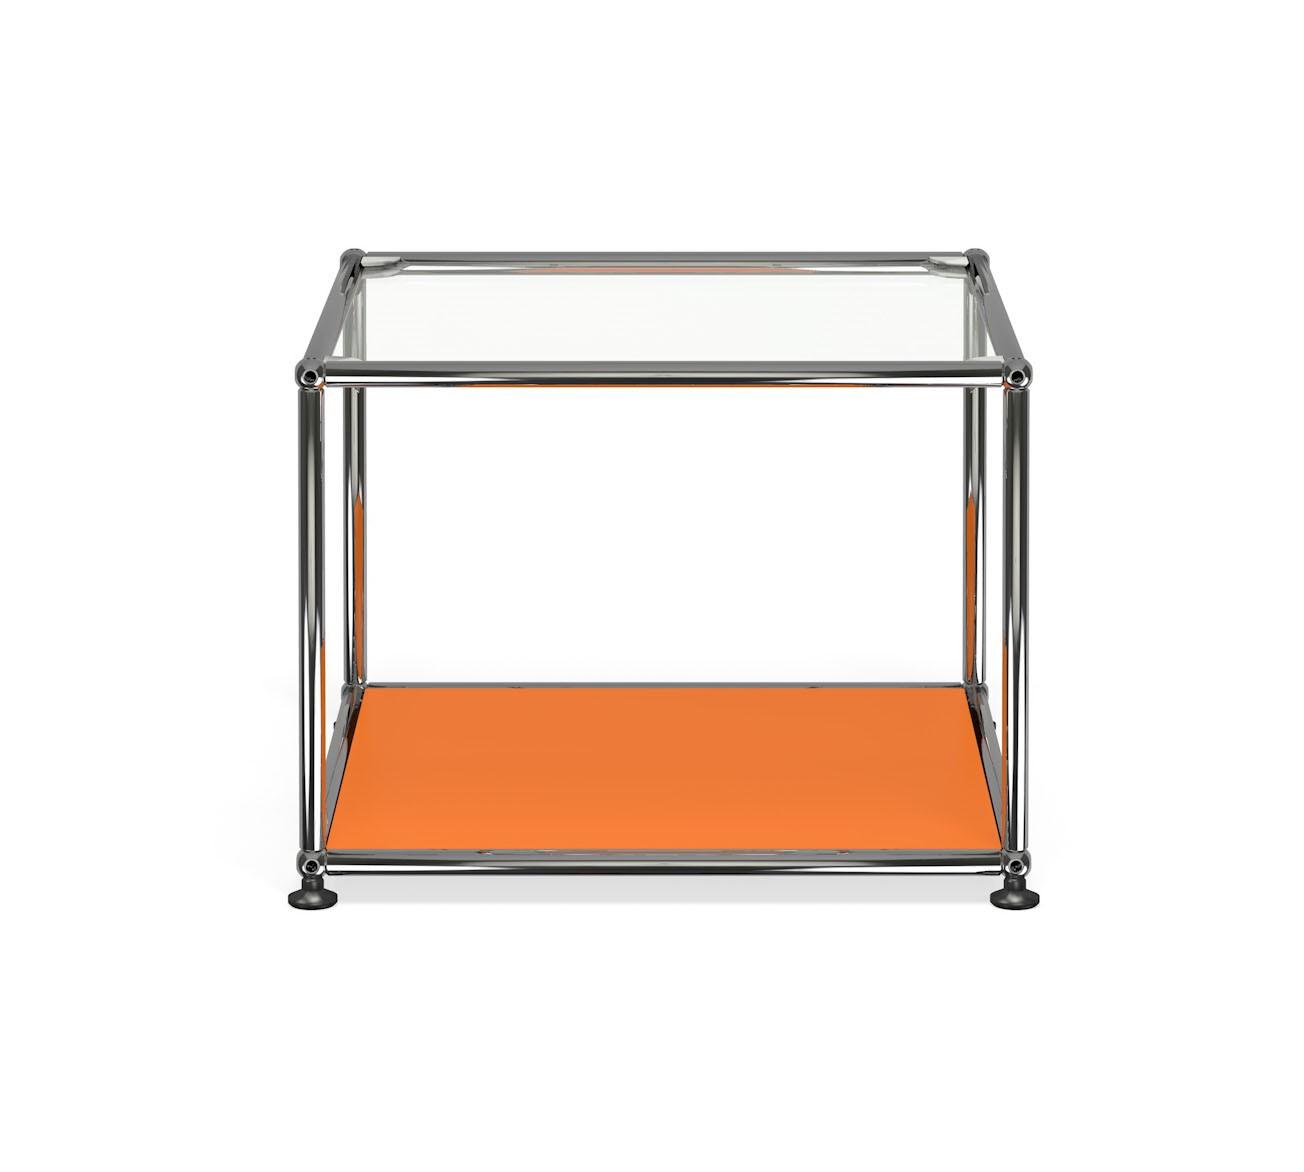 petite table basse carr e usm haller m17 orange pur. Black Bedroom Furniture Sets. Home Design Ideas